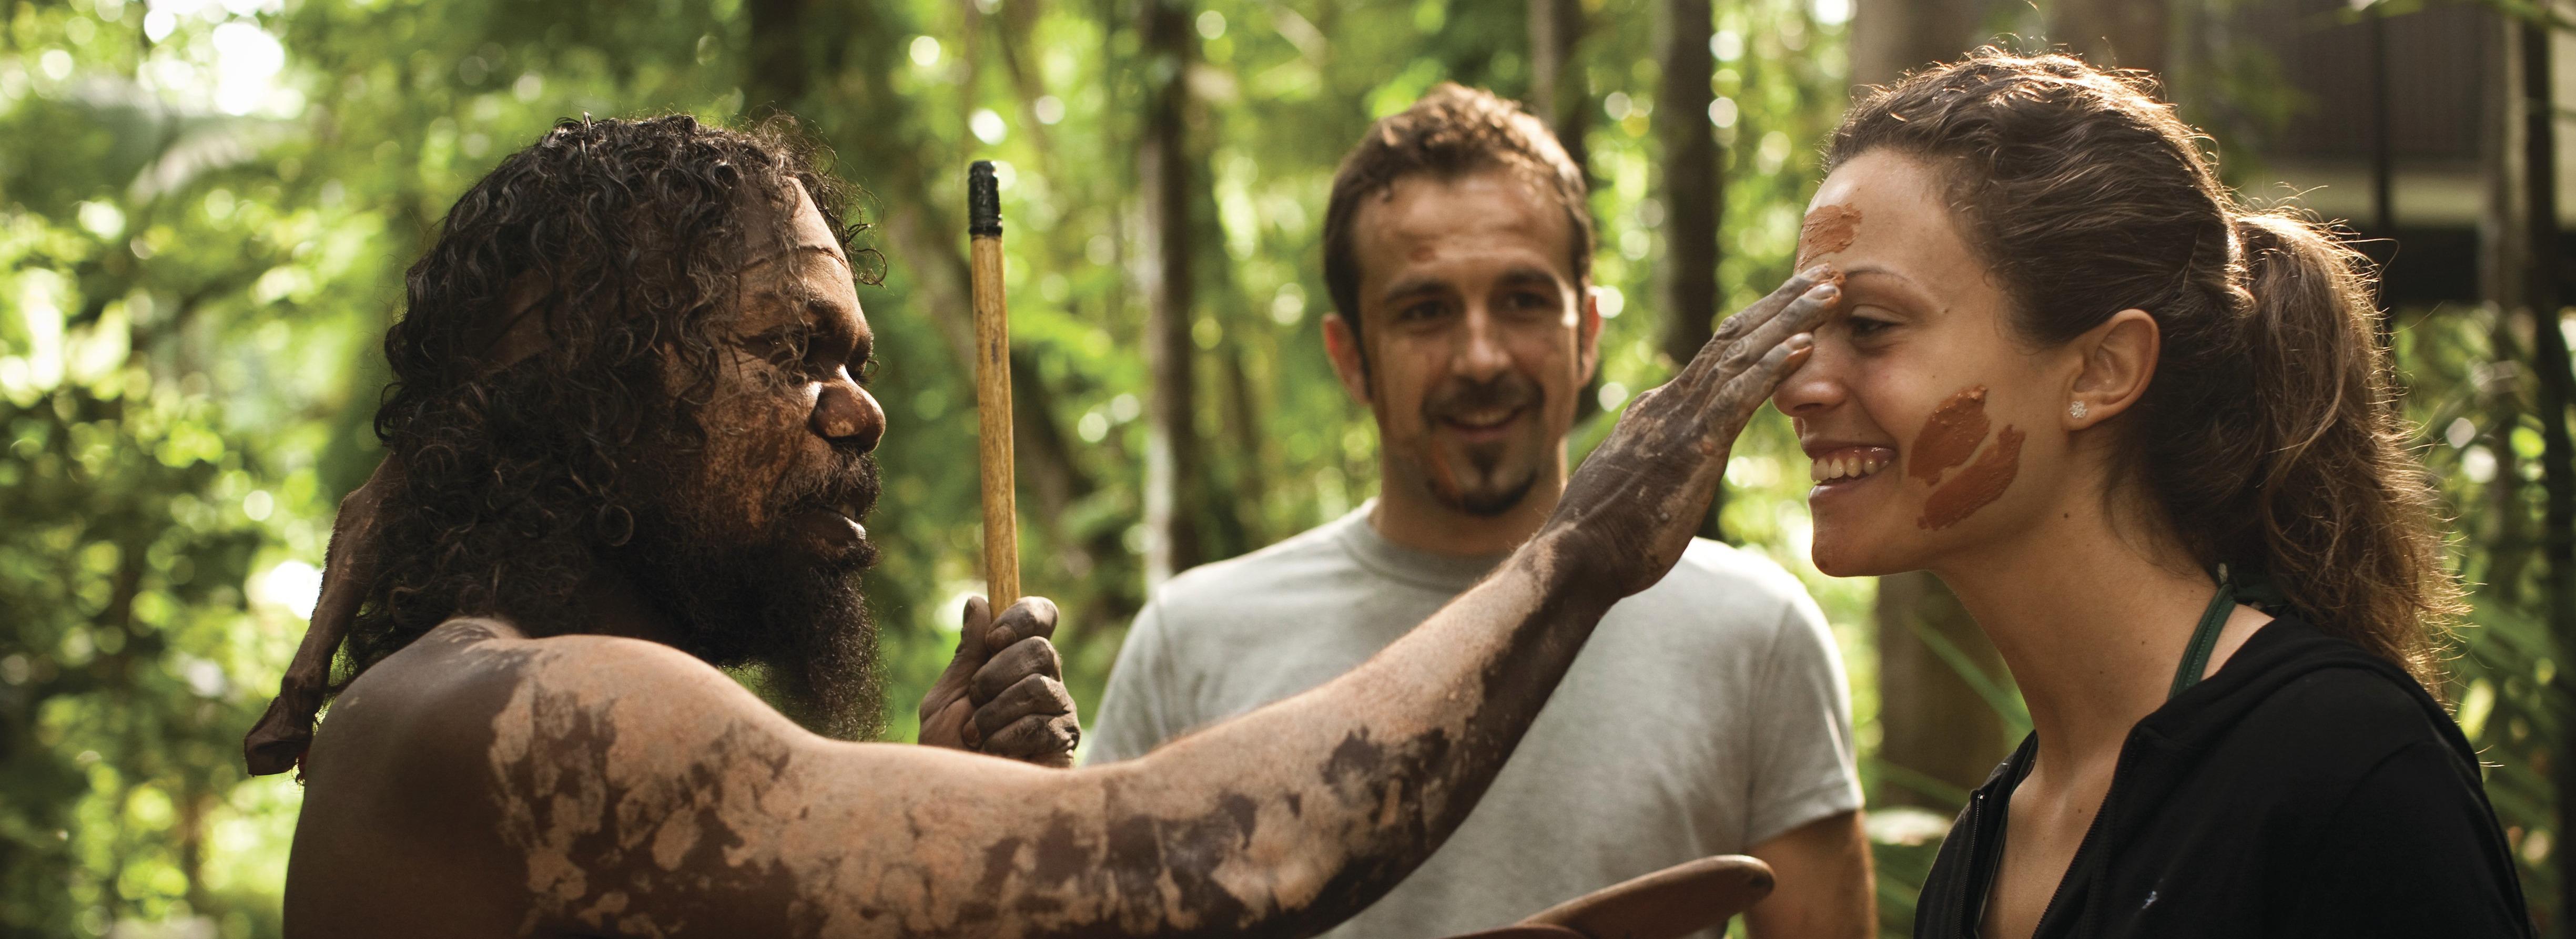 Indigenous experiences, Queensland